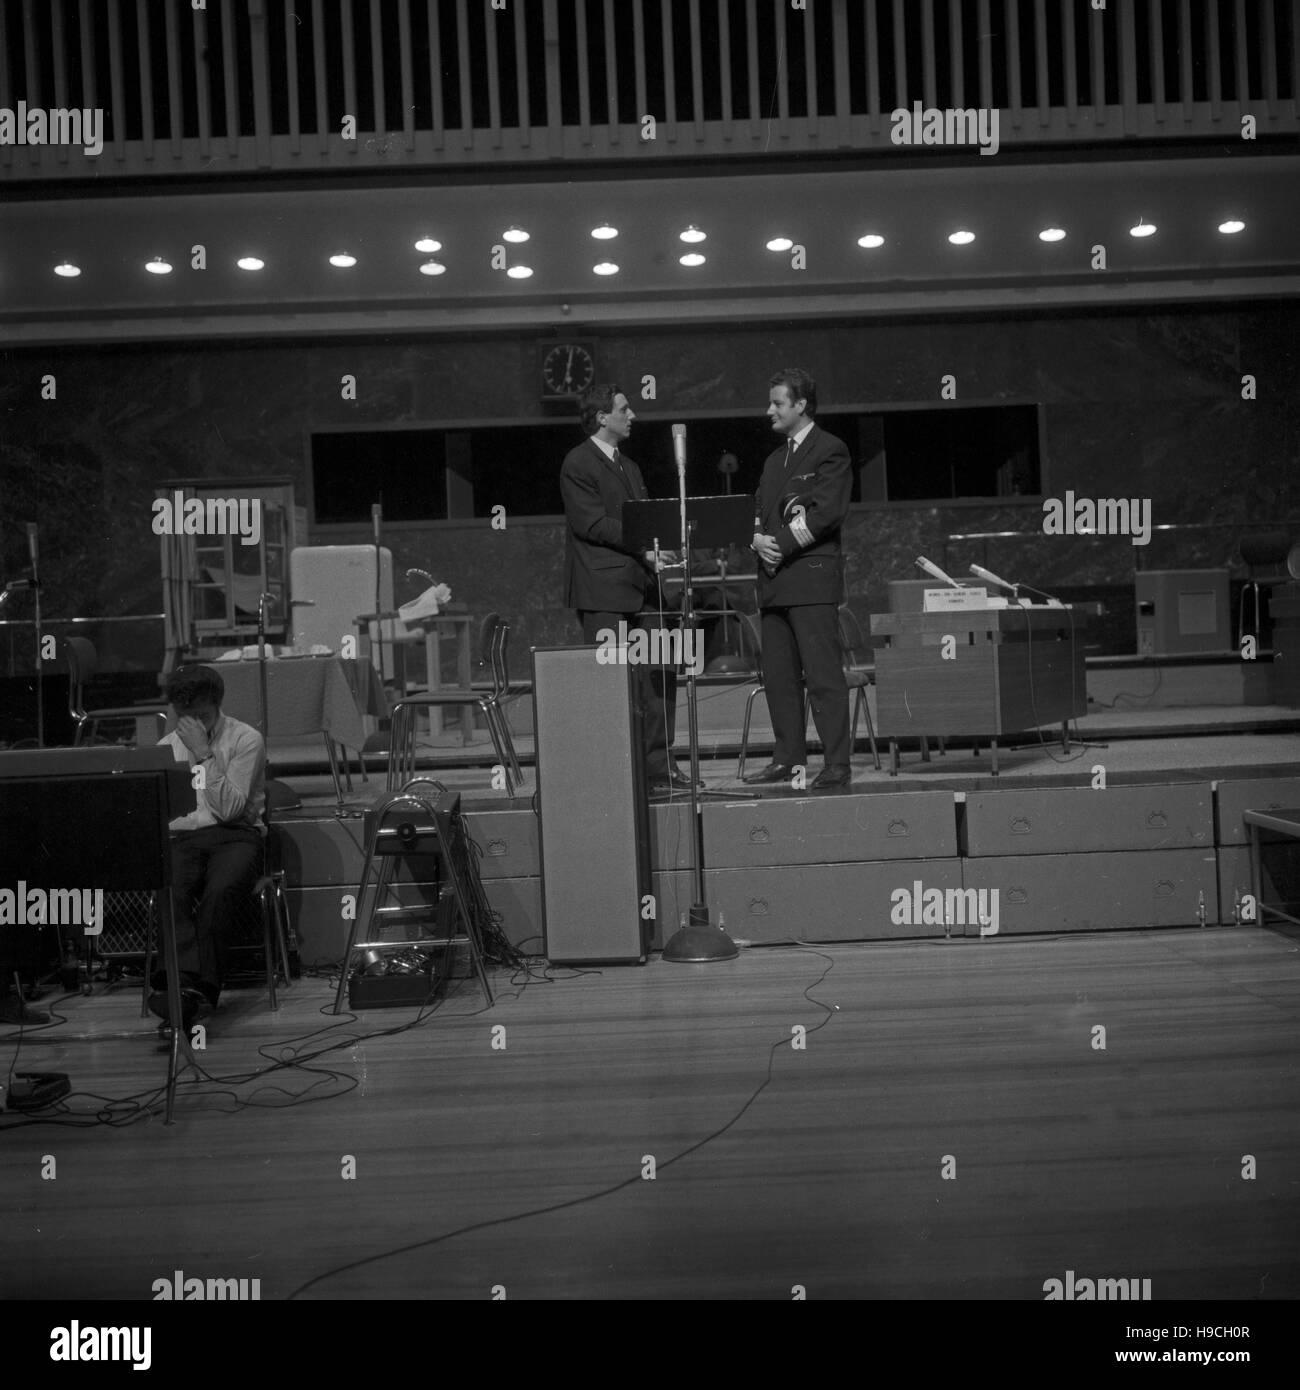 Szenenfoto aus einer Produktion des Schulfunks beim NDR en Hamburgo, Alemania 1960er Jahre. Escena de la televisión educativa en la Norddeutscher Rundfunk en Hamburgo, Alemania, 1960. Foto de stock